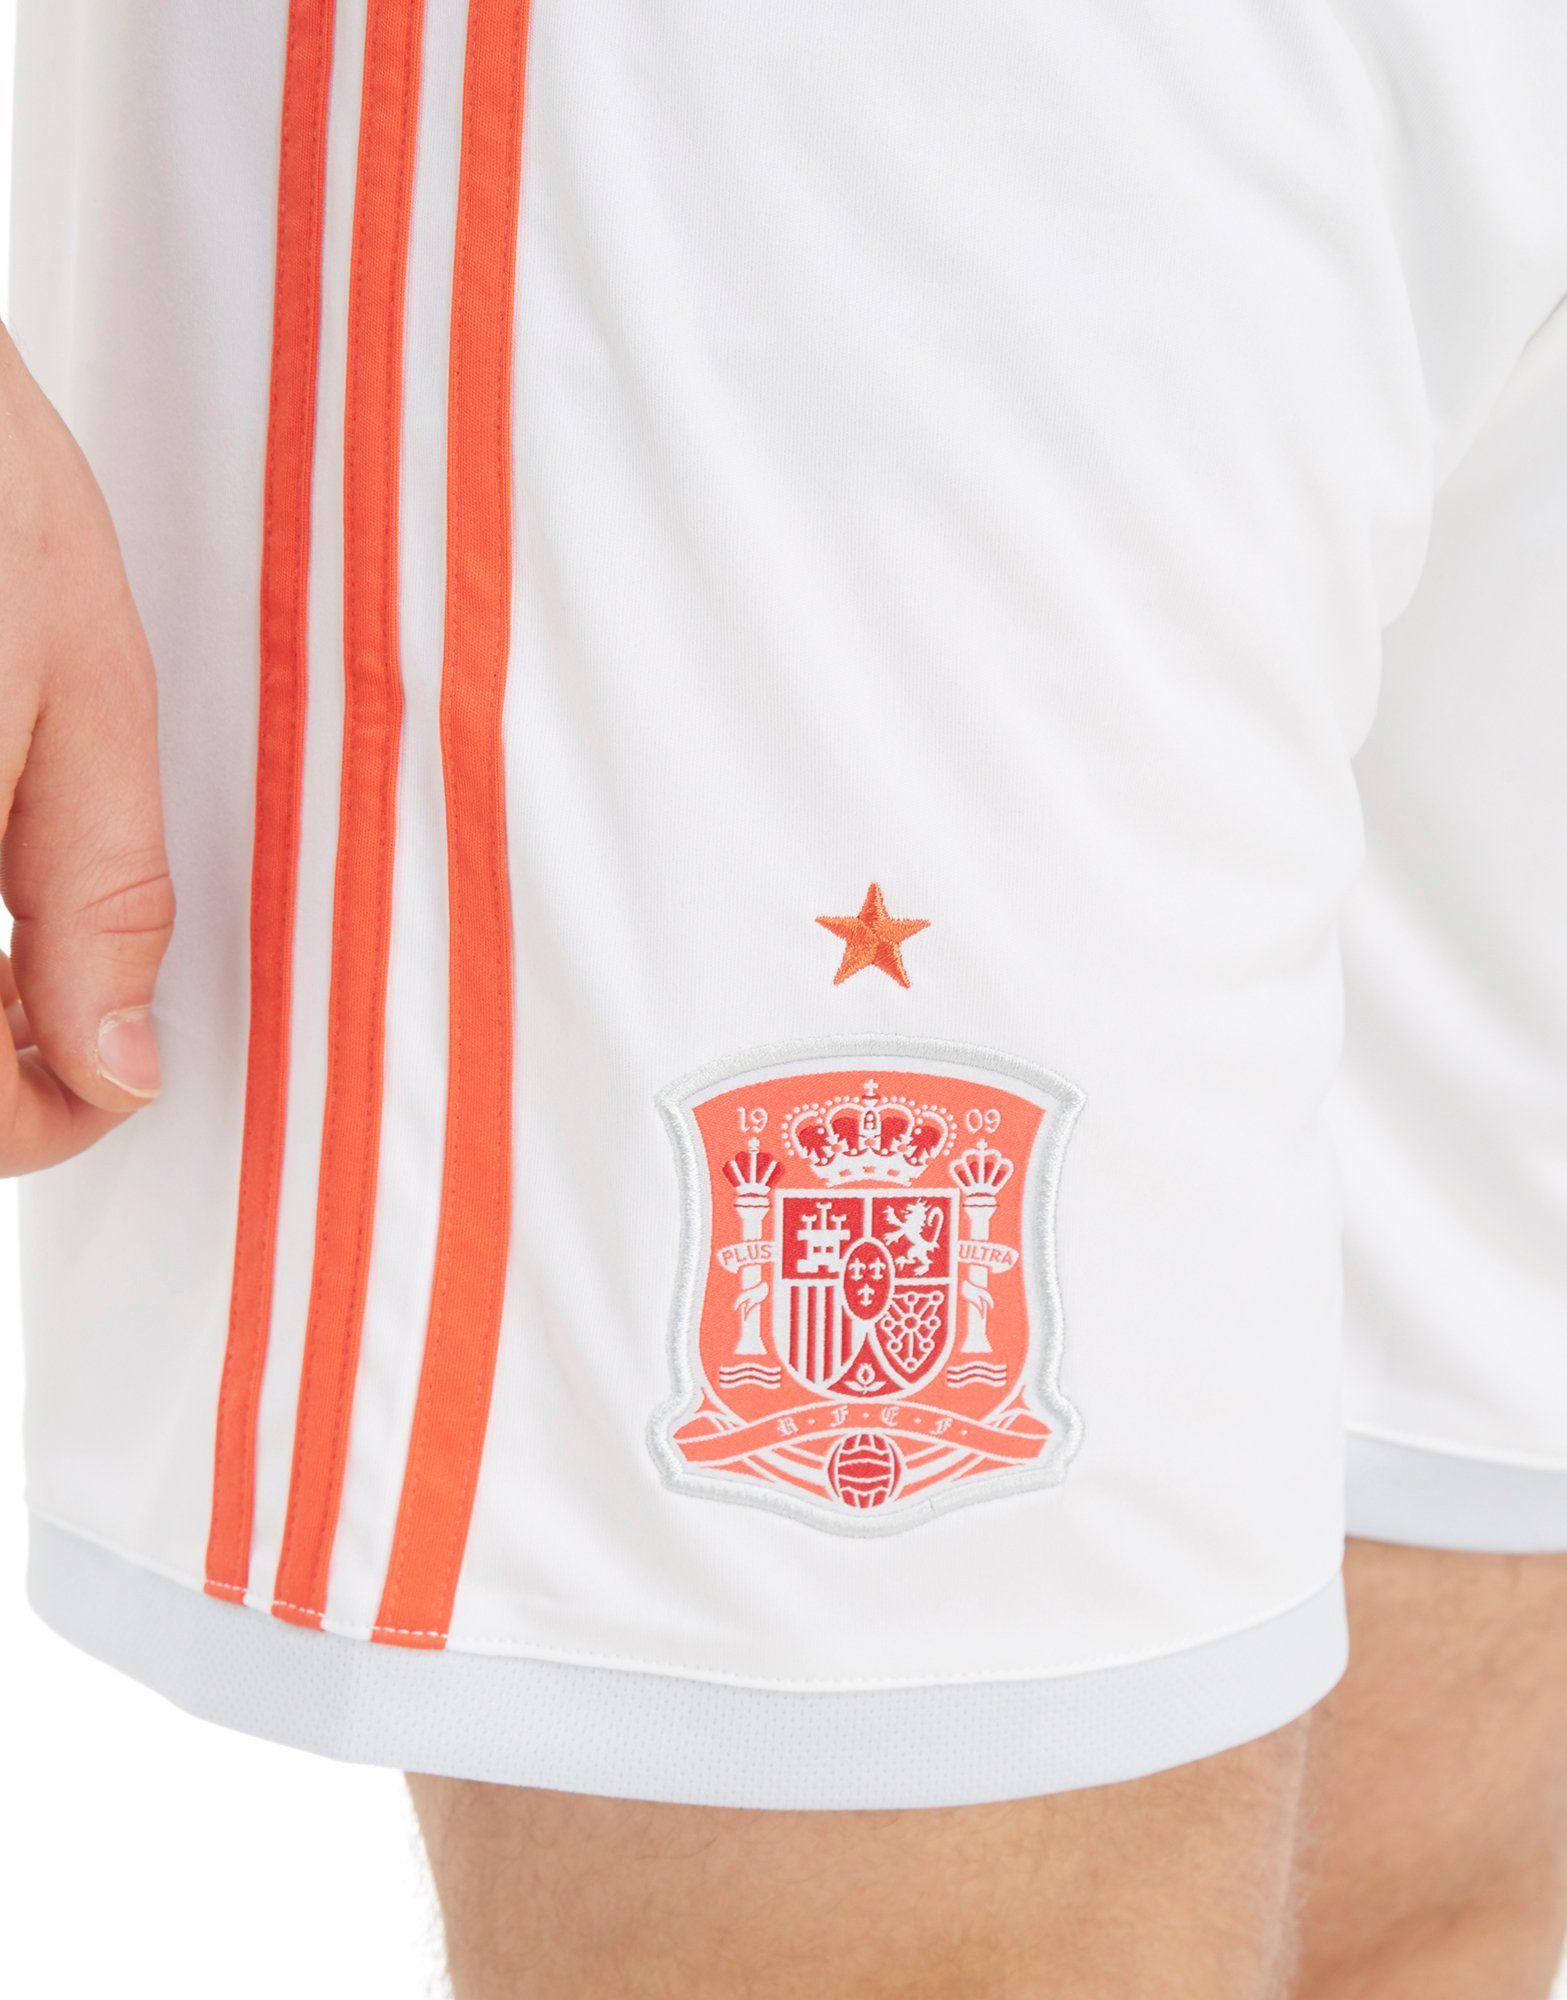 adidas pantalón corto España 2018 2.ª equipación